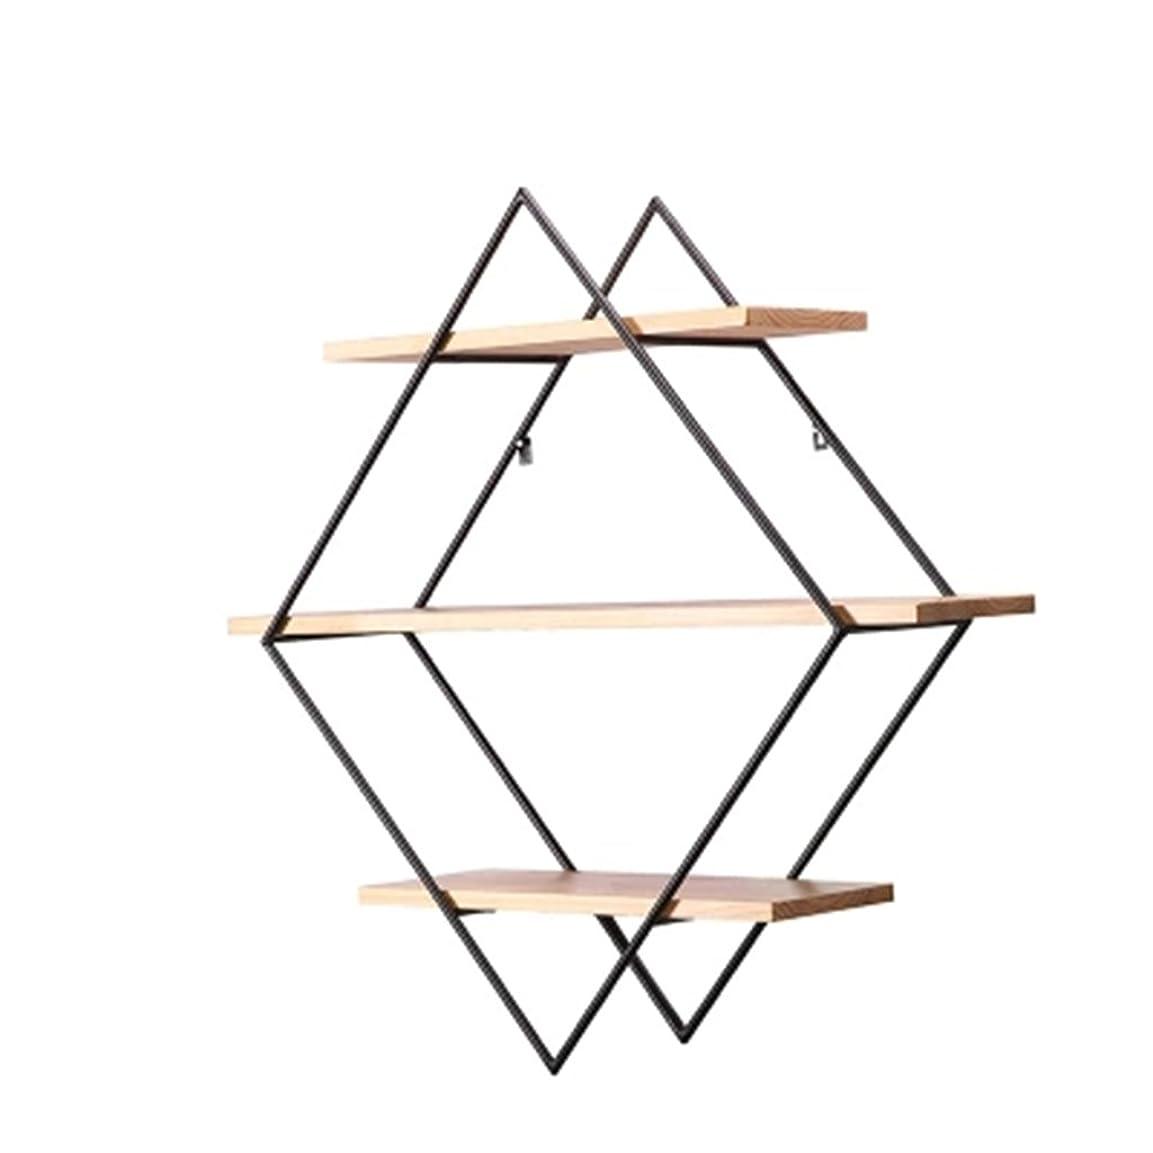 スクレーパー哲学者買う壁棚ラック、錬鉄の木製の壁のダイヤモンドの仕切り板フレーム、居間の創造的な背景の壁の装飾の表示、70 * 70cm ウォールマウント (Size : 80*80cm)